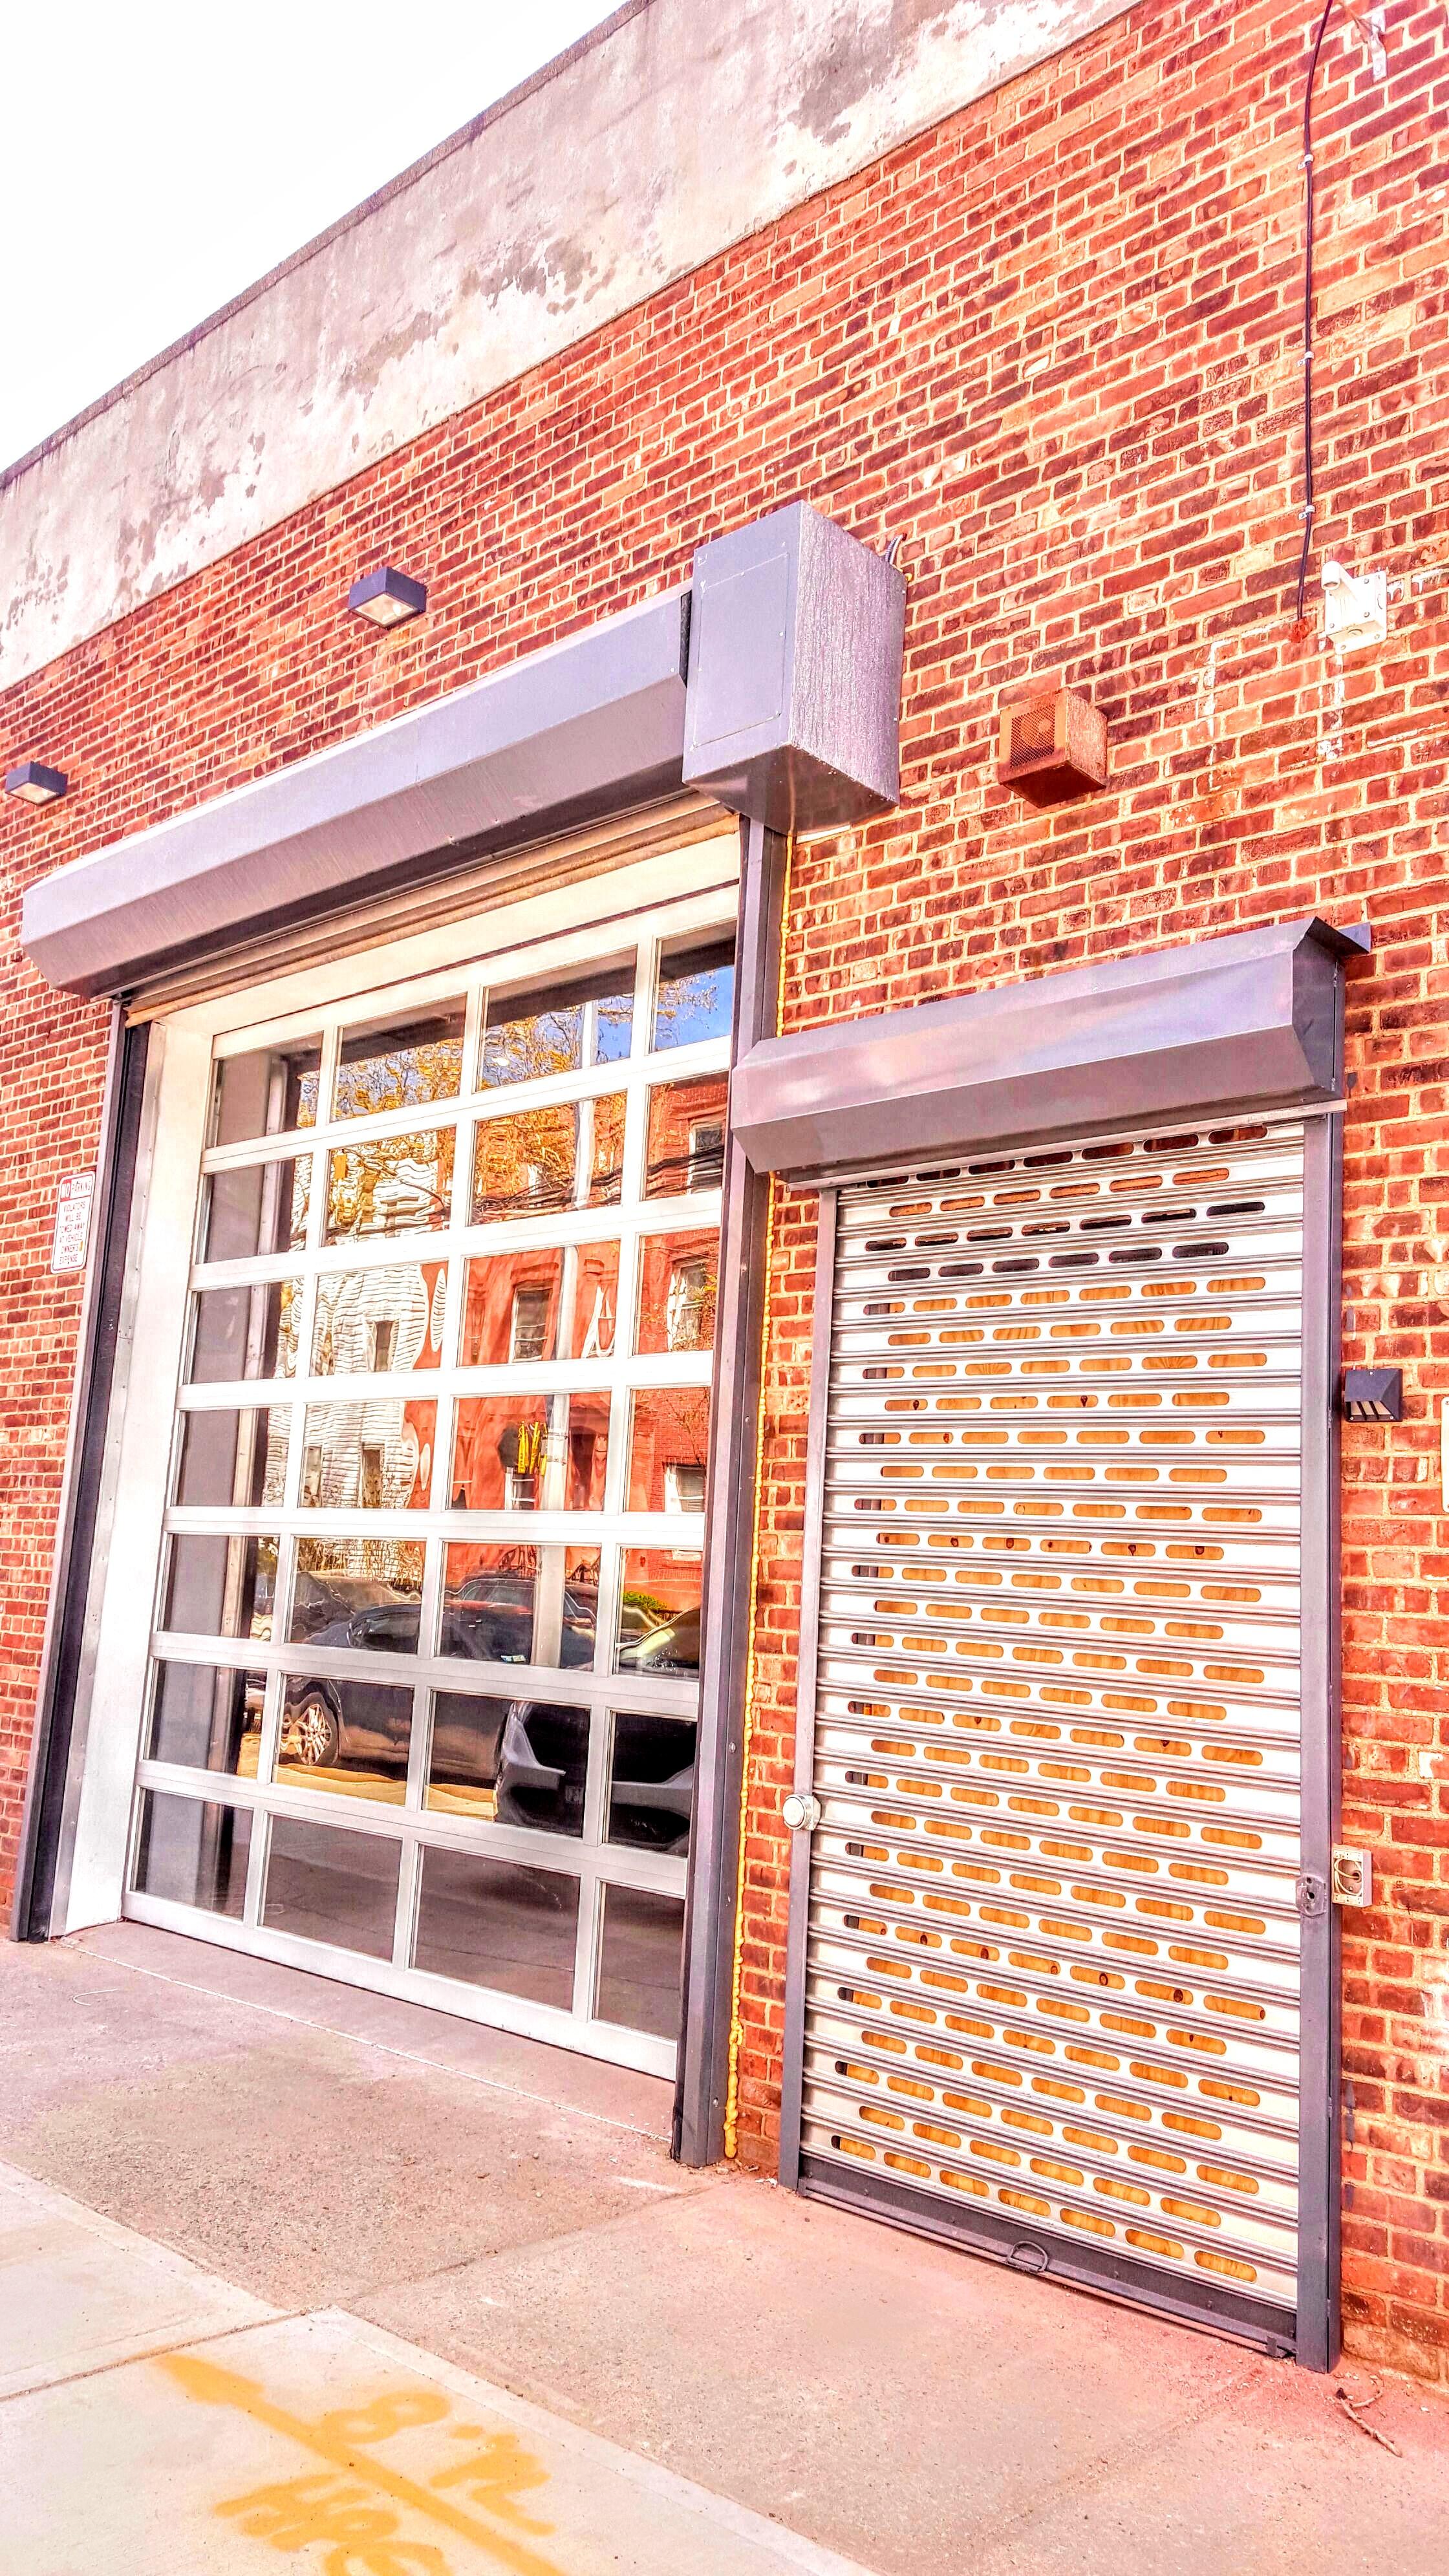 Finest Doorman Blog  Loading Dock New Jersey  New York. Garage Door Opener Troubleshooting. Garage For Cars. Industrial Garage Doors. Used Cabinets For Garage. Glass Shower Door Towel Bar. 9 X 7 Garage Door. Overhead Door Jackson Mi. Larson Security Doors